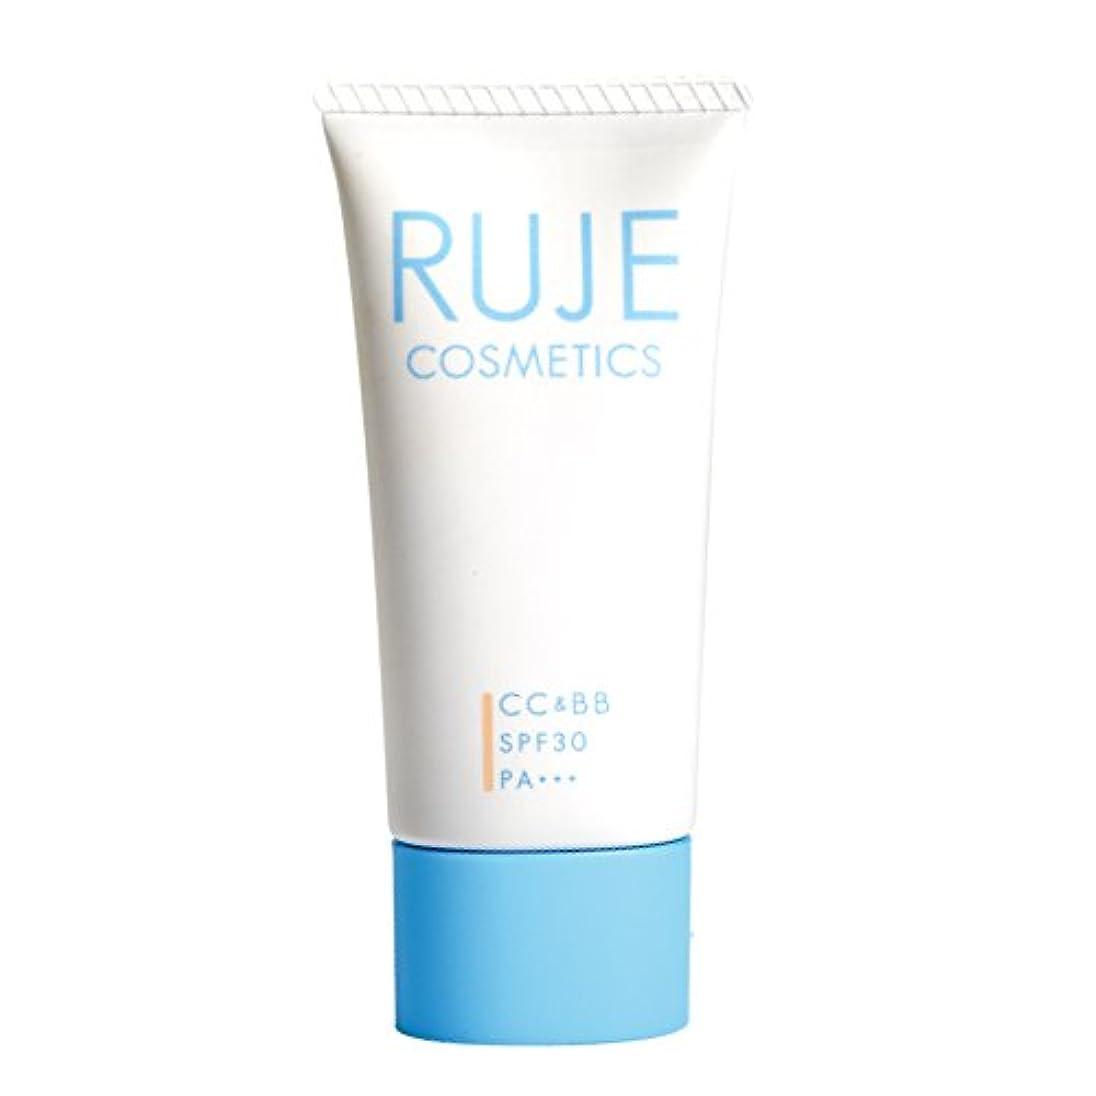 可能性組み込む対角線RUJE ルジェ CC&BBジェルクリームモイスト ナチュラルカラー 30g